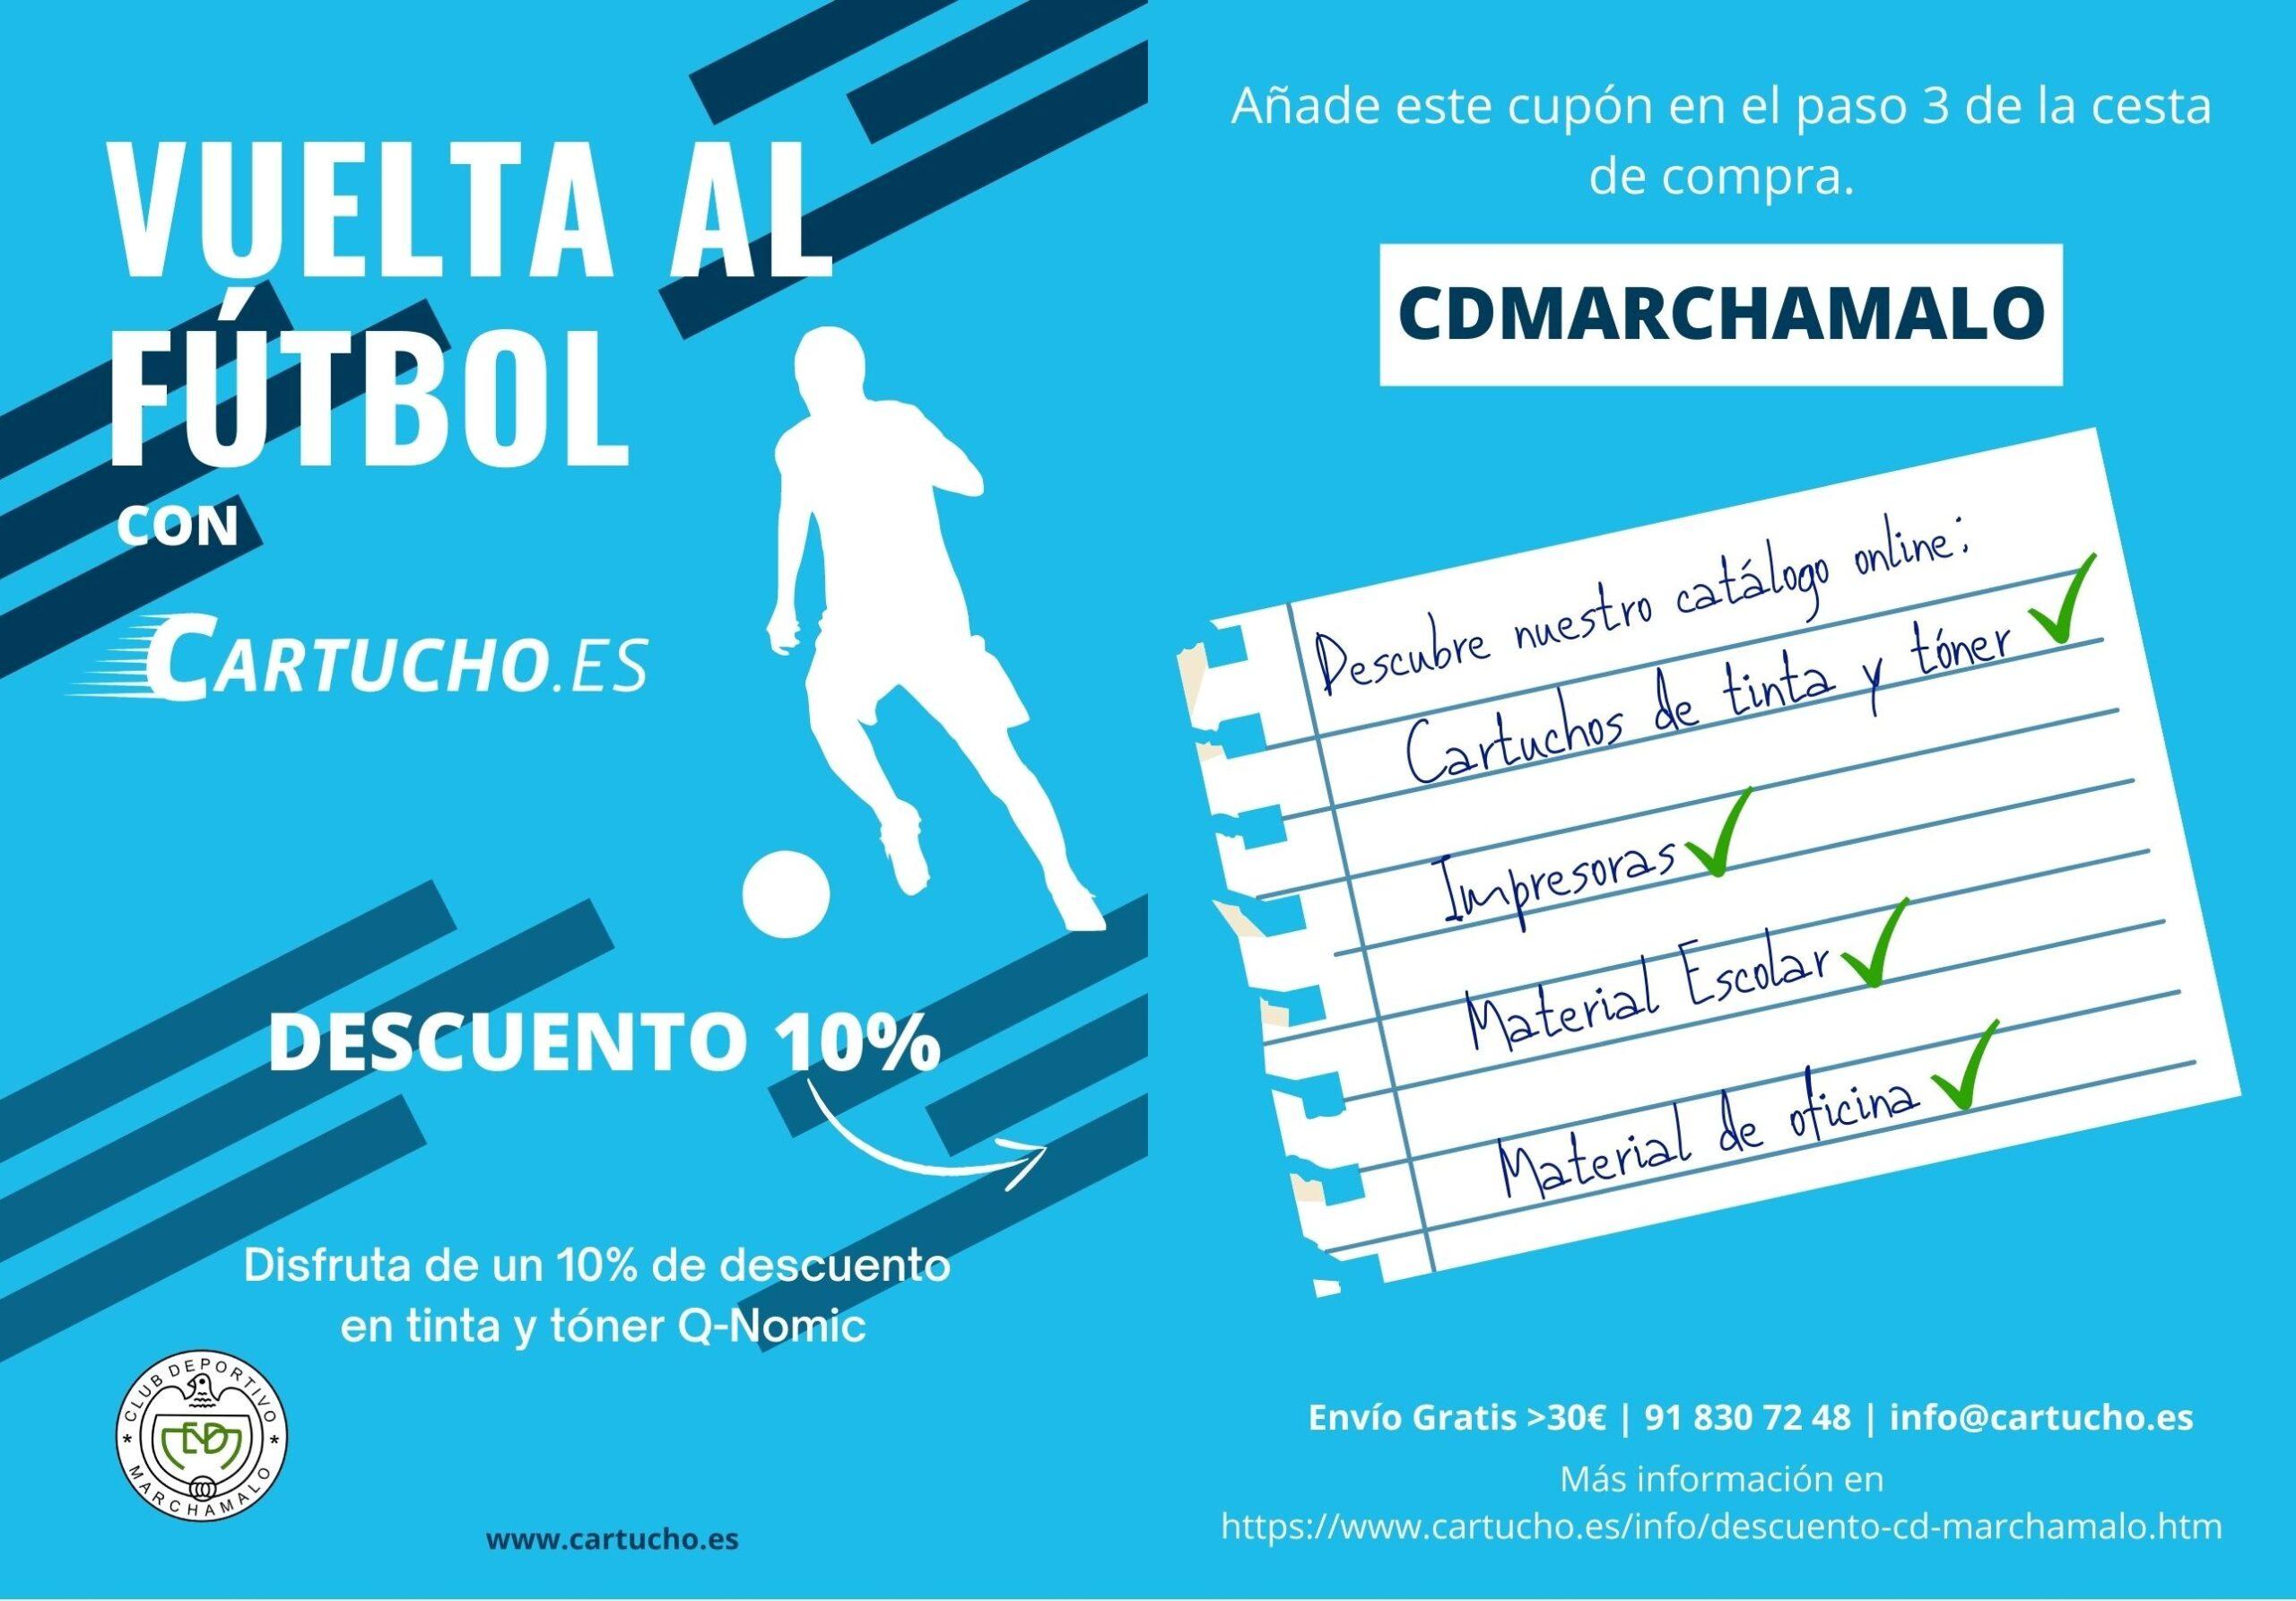 Promoción especial para los aficionados del CD Marchamalo en Cartucho.es